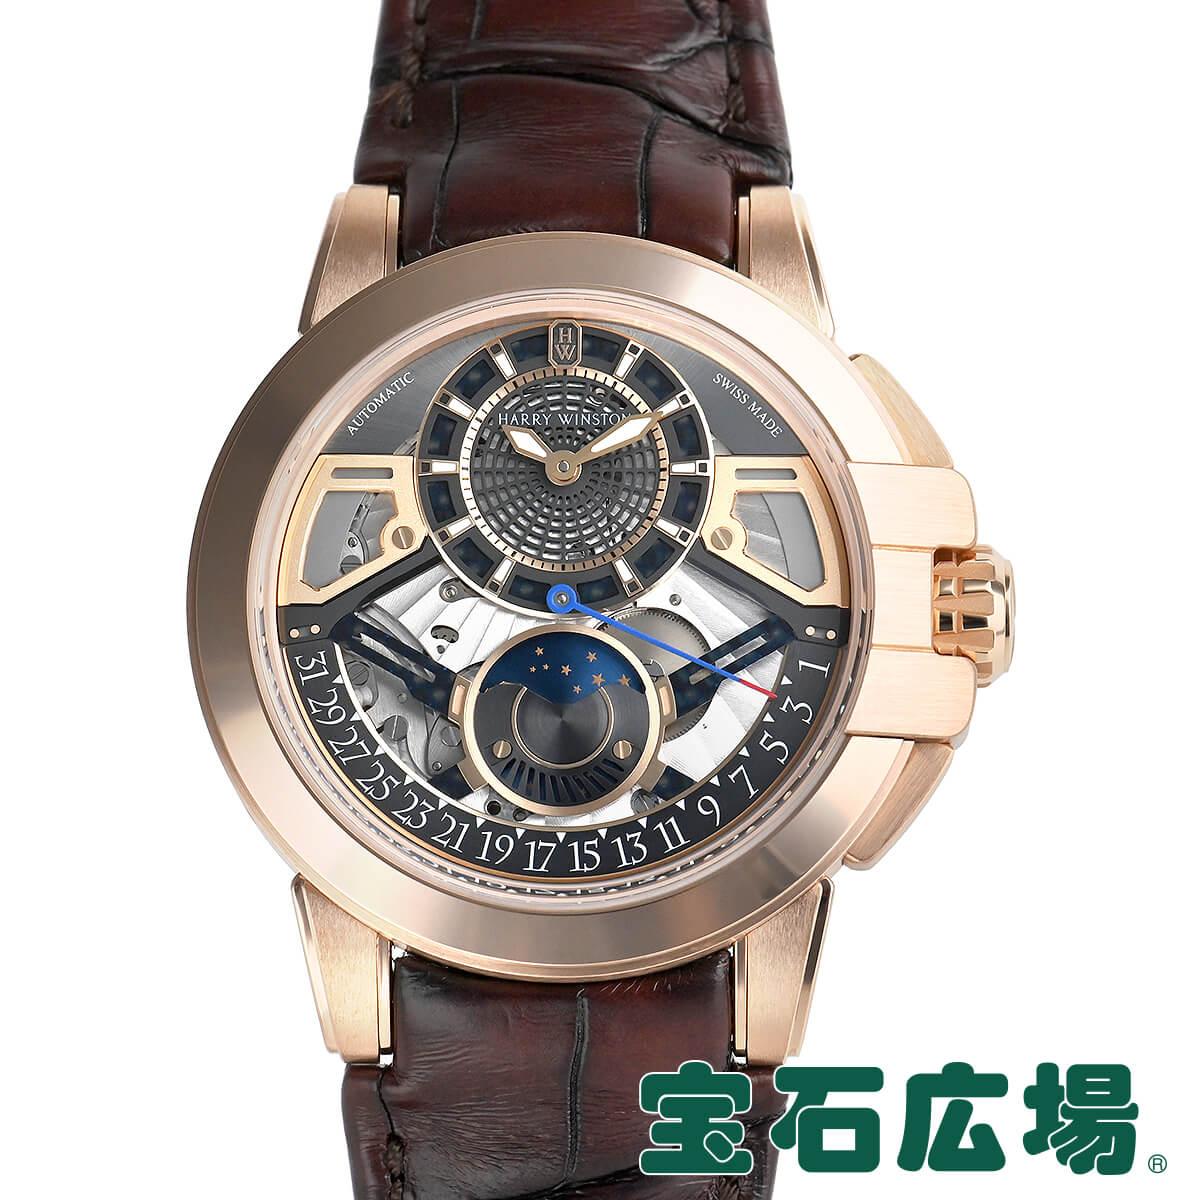 ハリー ウィンストン HARRY WINSTON オーシャン ムーンフェイズ オートマティック42mm OCEAMP42RR001【新品】メンズ 腕時計 送料無料